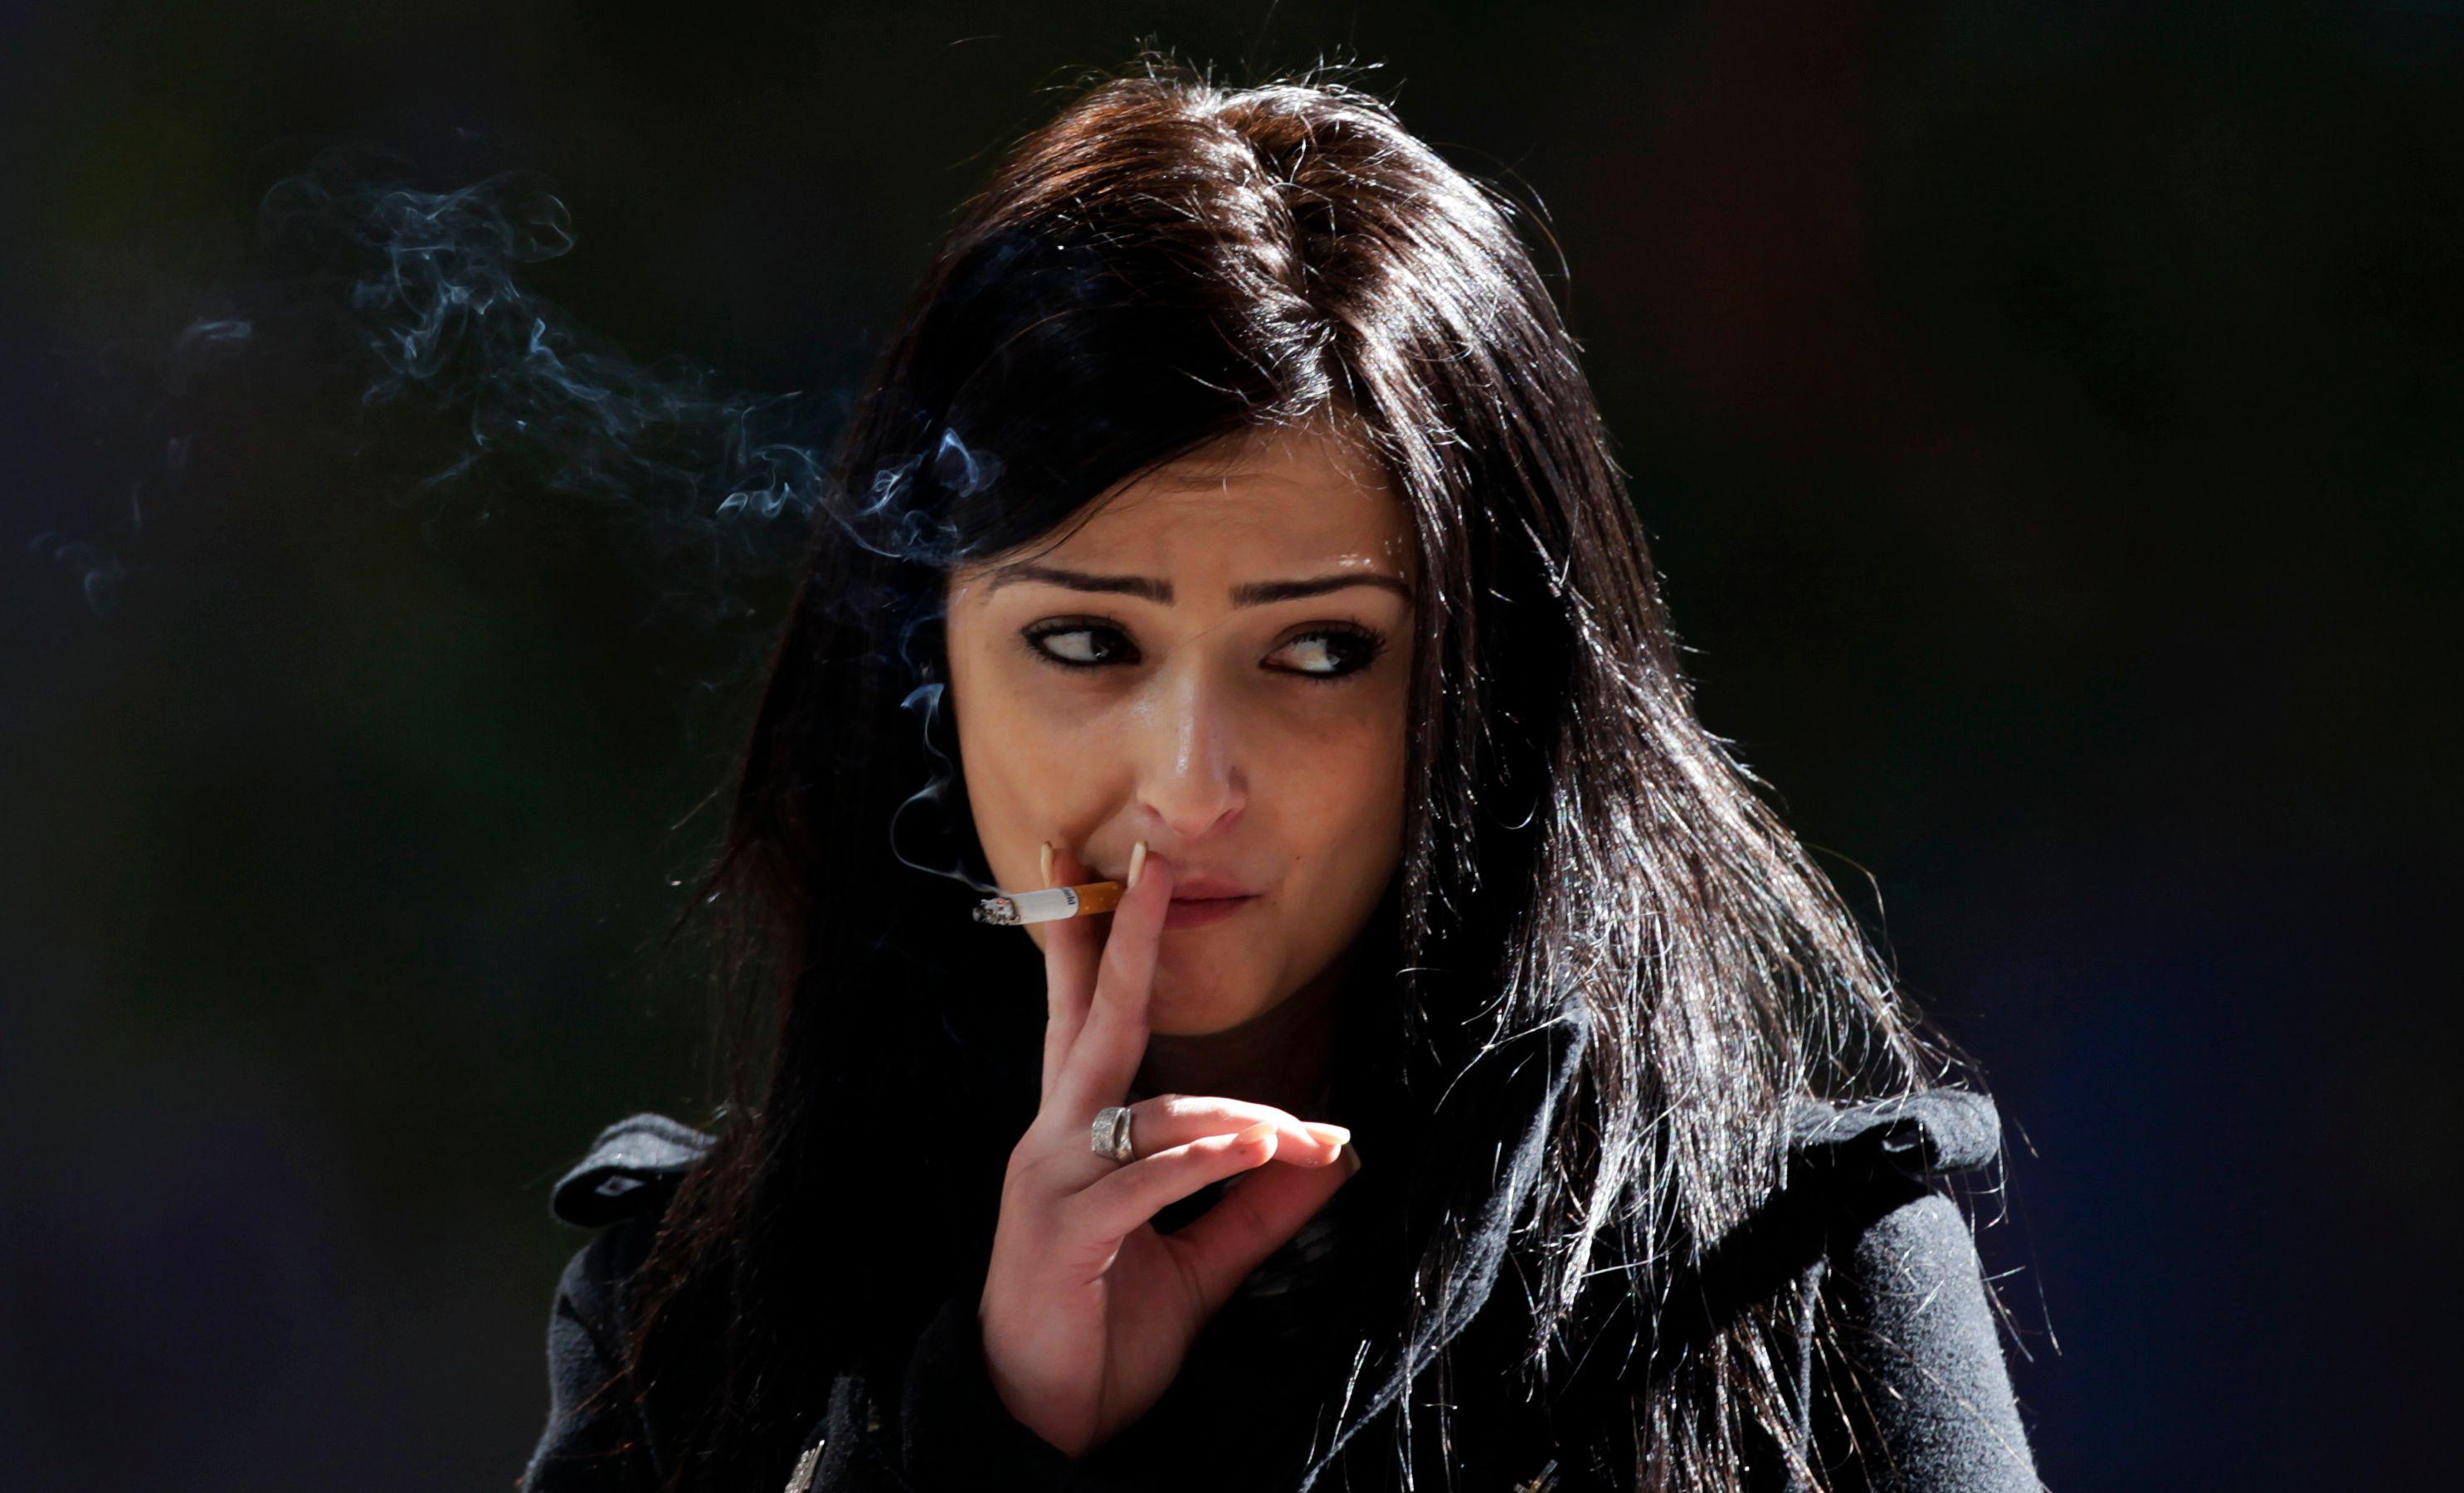 Un fumeur coûte en moyenne à près de 6 000 dollars (4 600 euros) de plus par an à son employeur qu'un non-fumeur